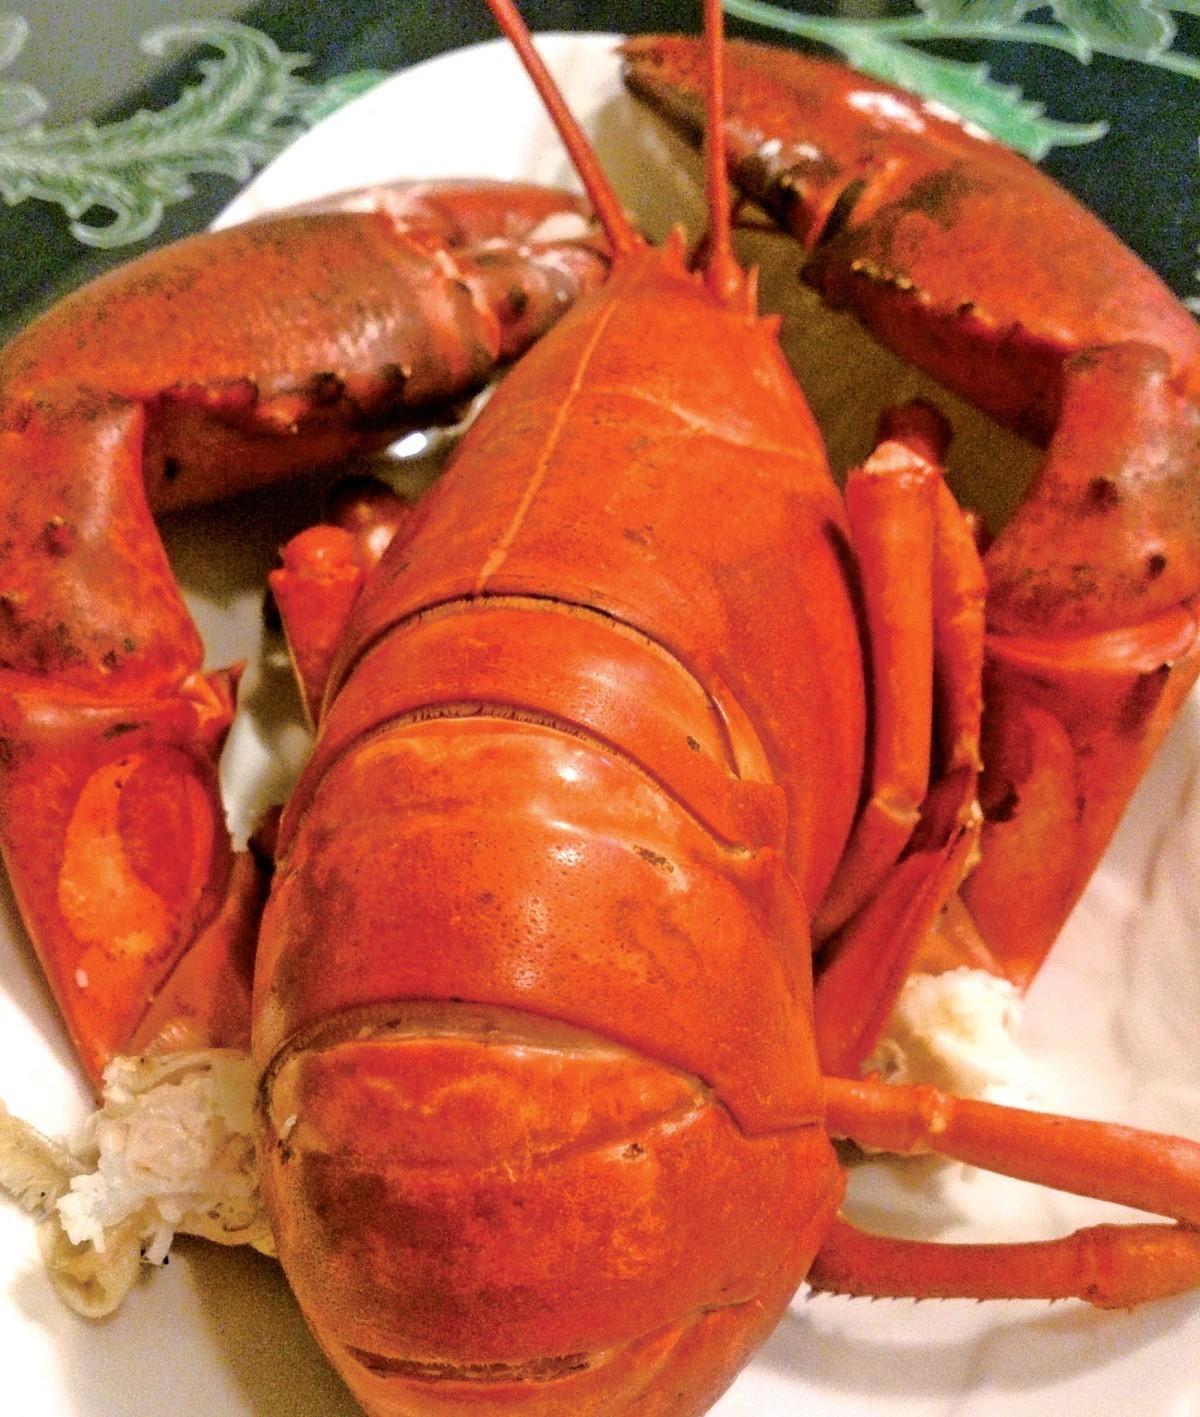 美食 波士顿大龙虾来袭表情包奥特之舅图片